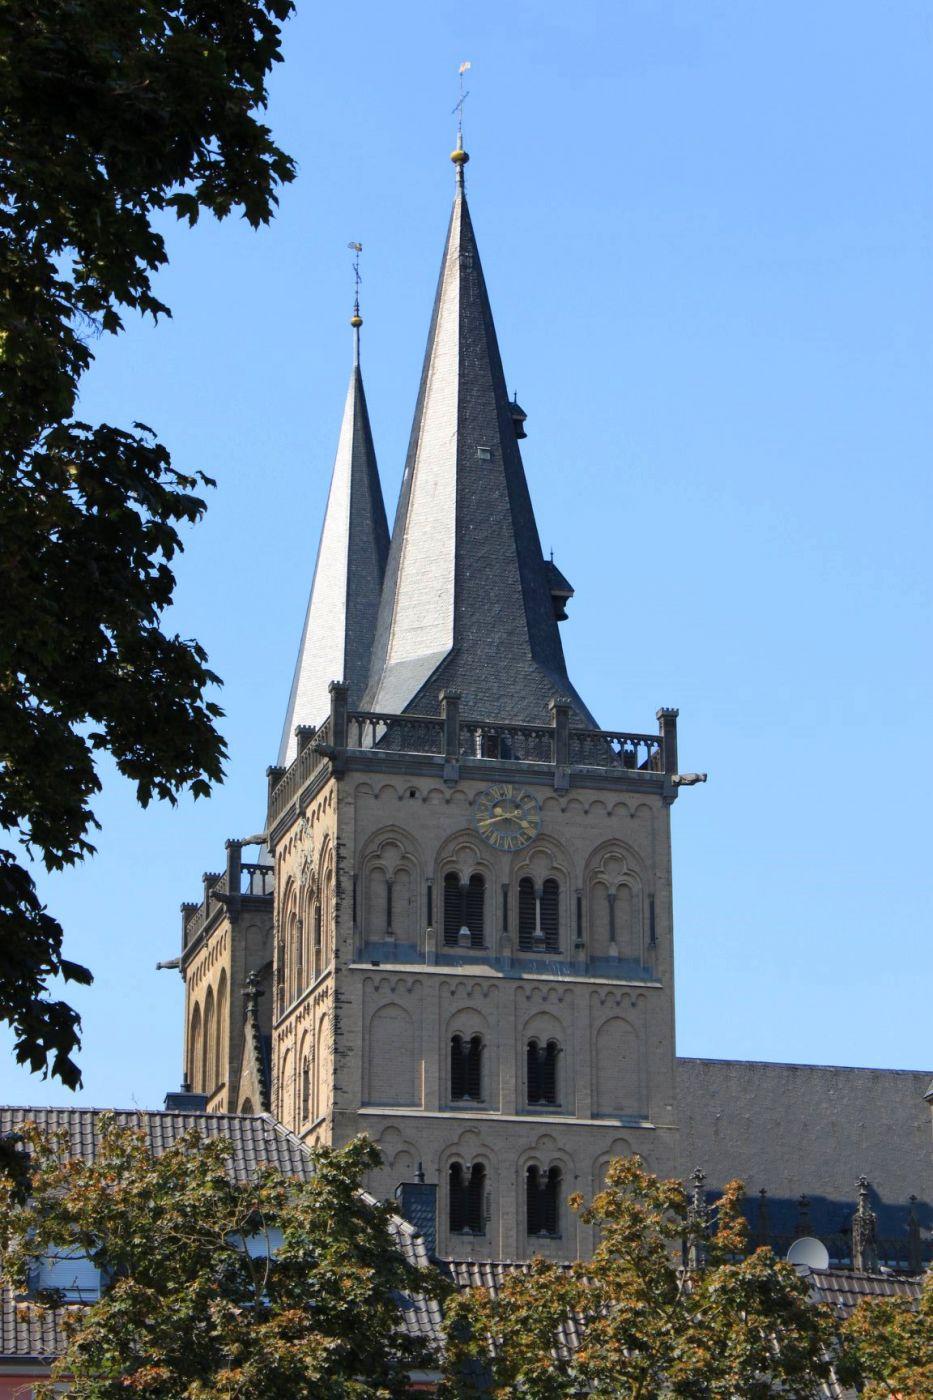 Xantener Dom, Germany